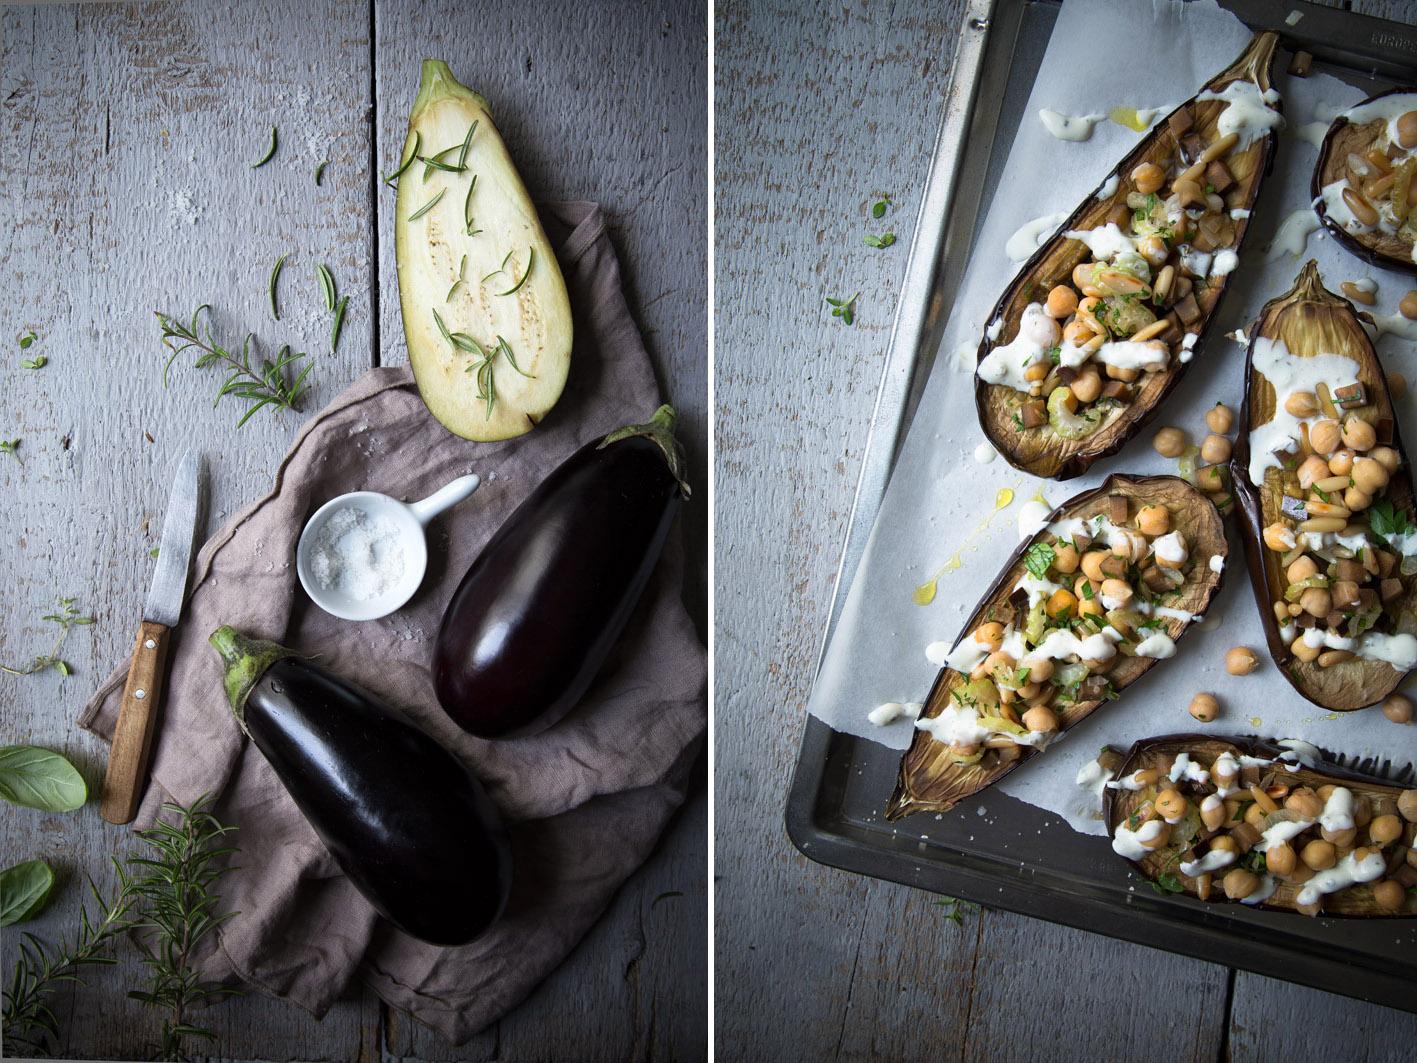 gefuellte aubergine zubereiten